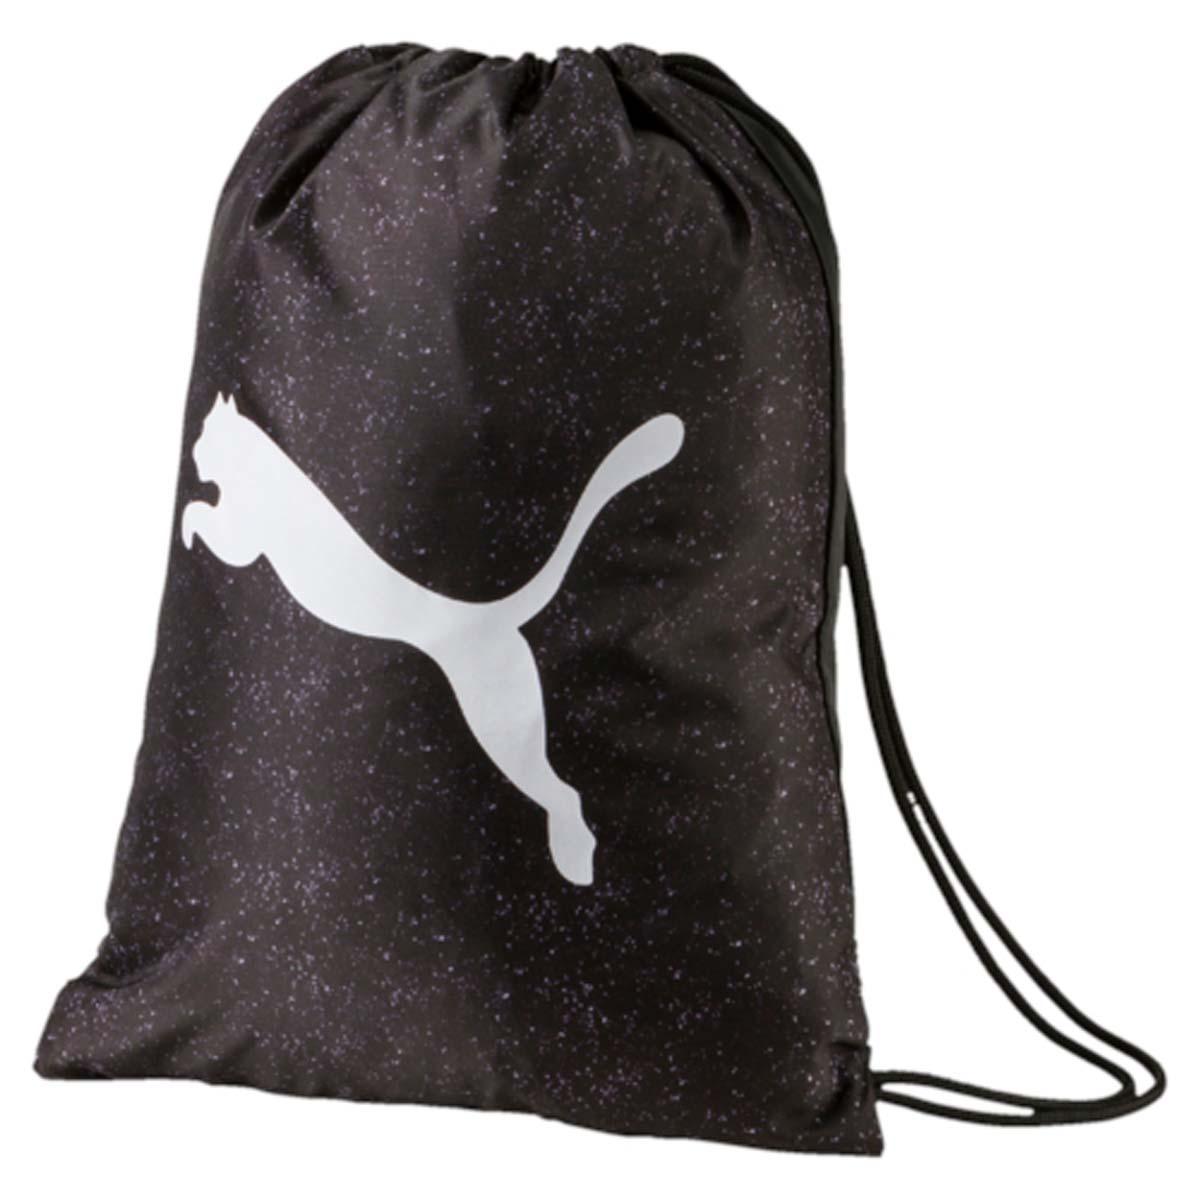 Рюкзак Puma Alpha Gym Sack, цвет: черный. 0744070107440701Спортивный рюкзак Puma выполнен из текстиля. Модель с одним отделением на затягивающемся шнурке и тонких лямках.